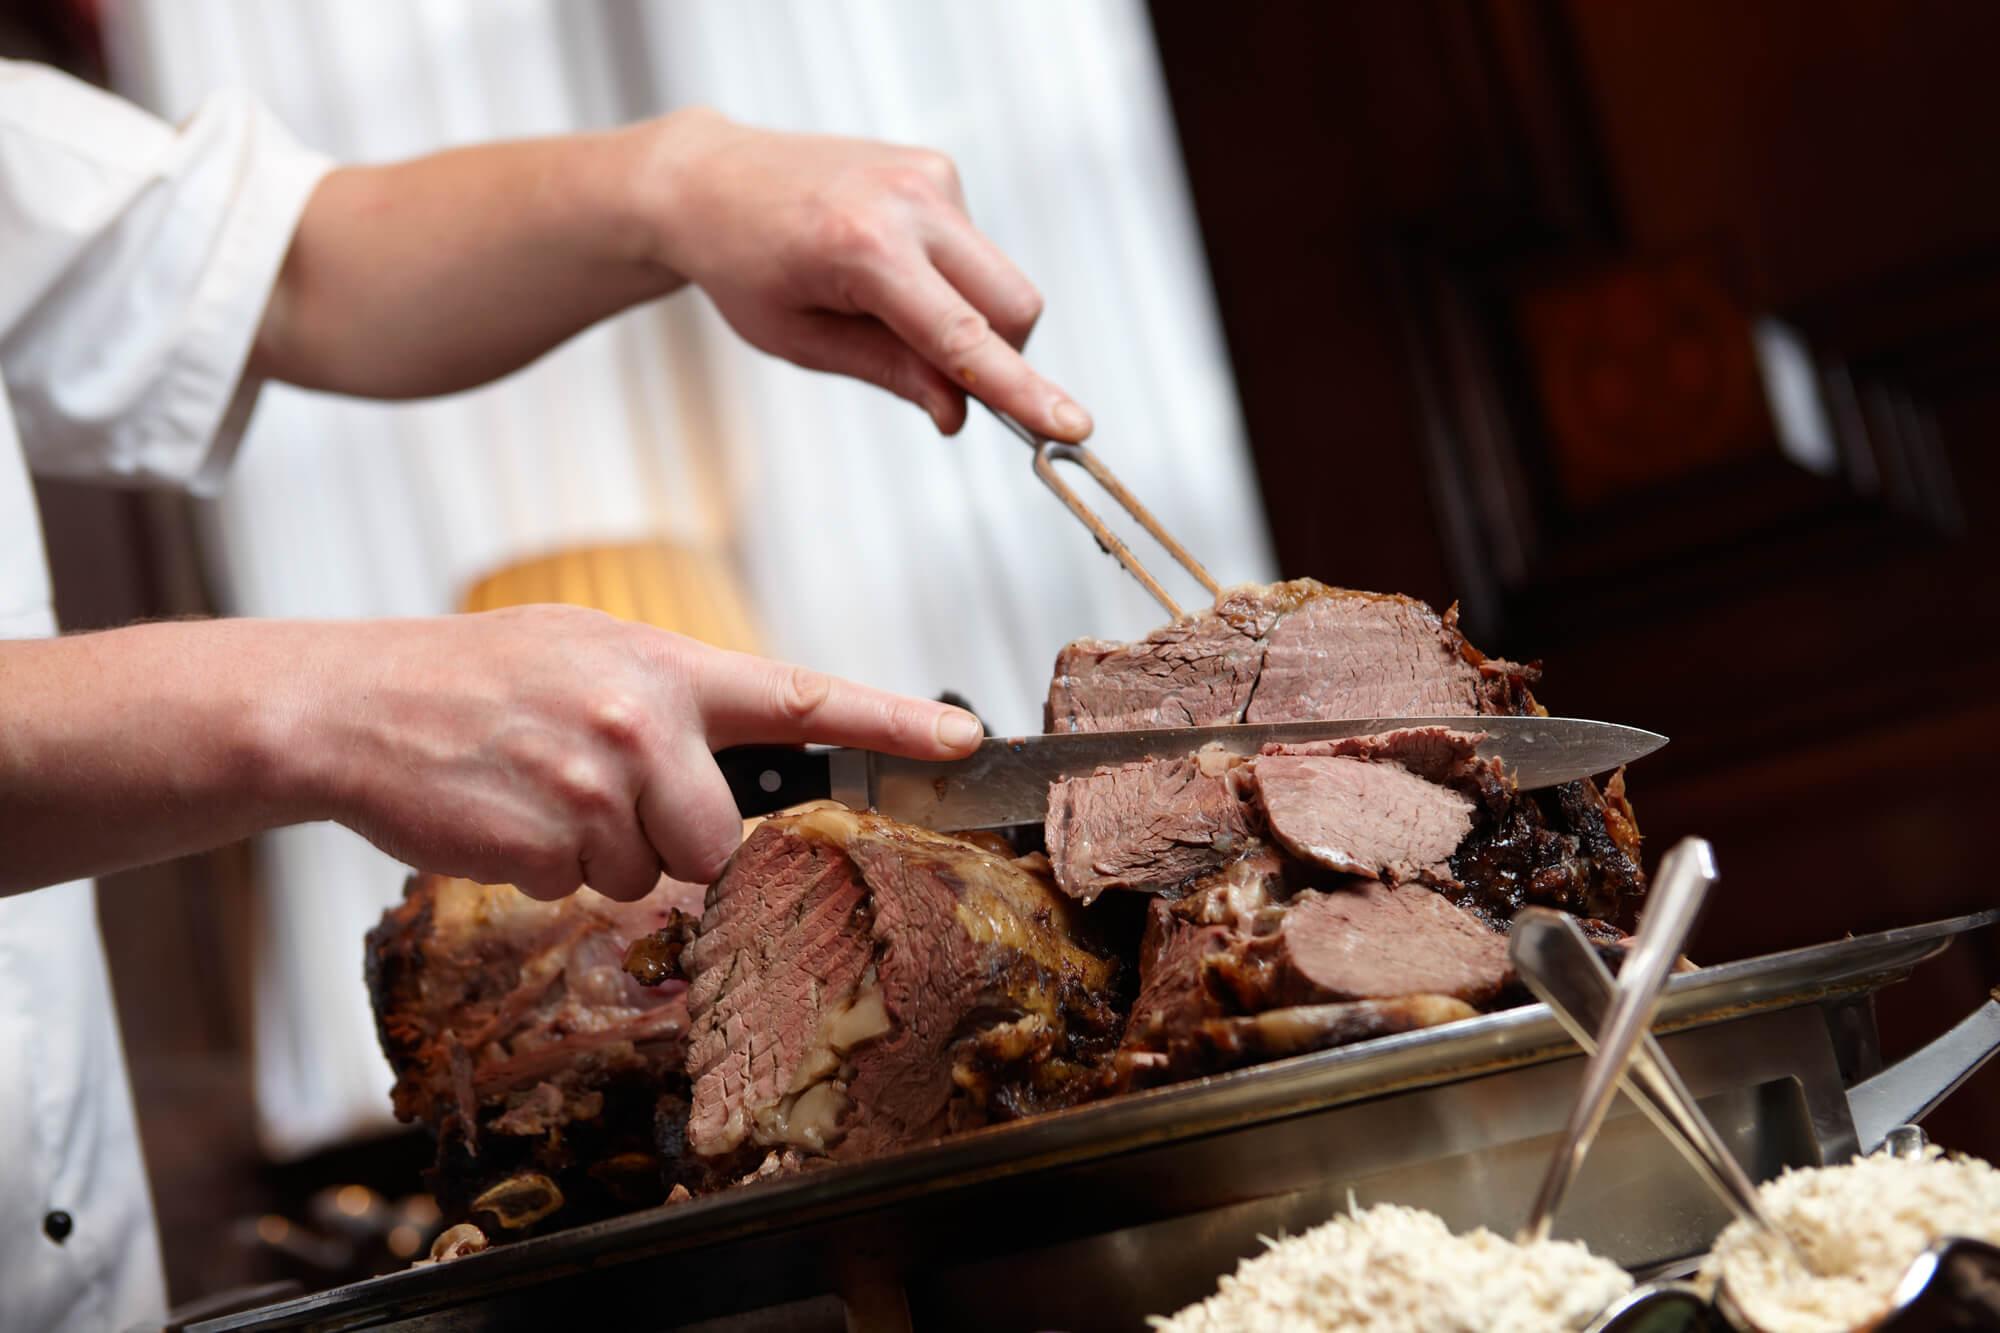 Отказ от мяса оказался вреднее для окружающей среды, чем его употребление